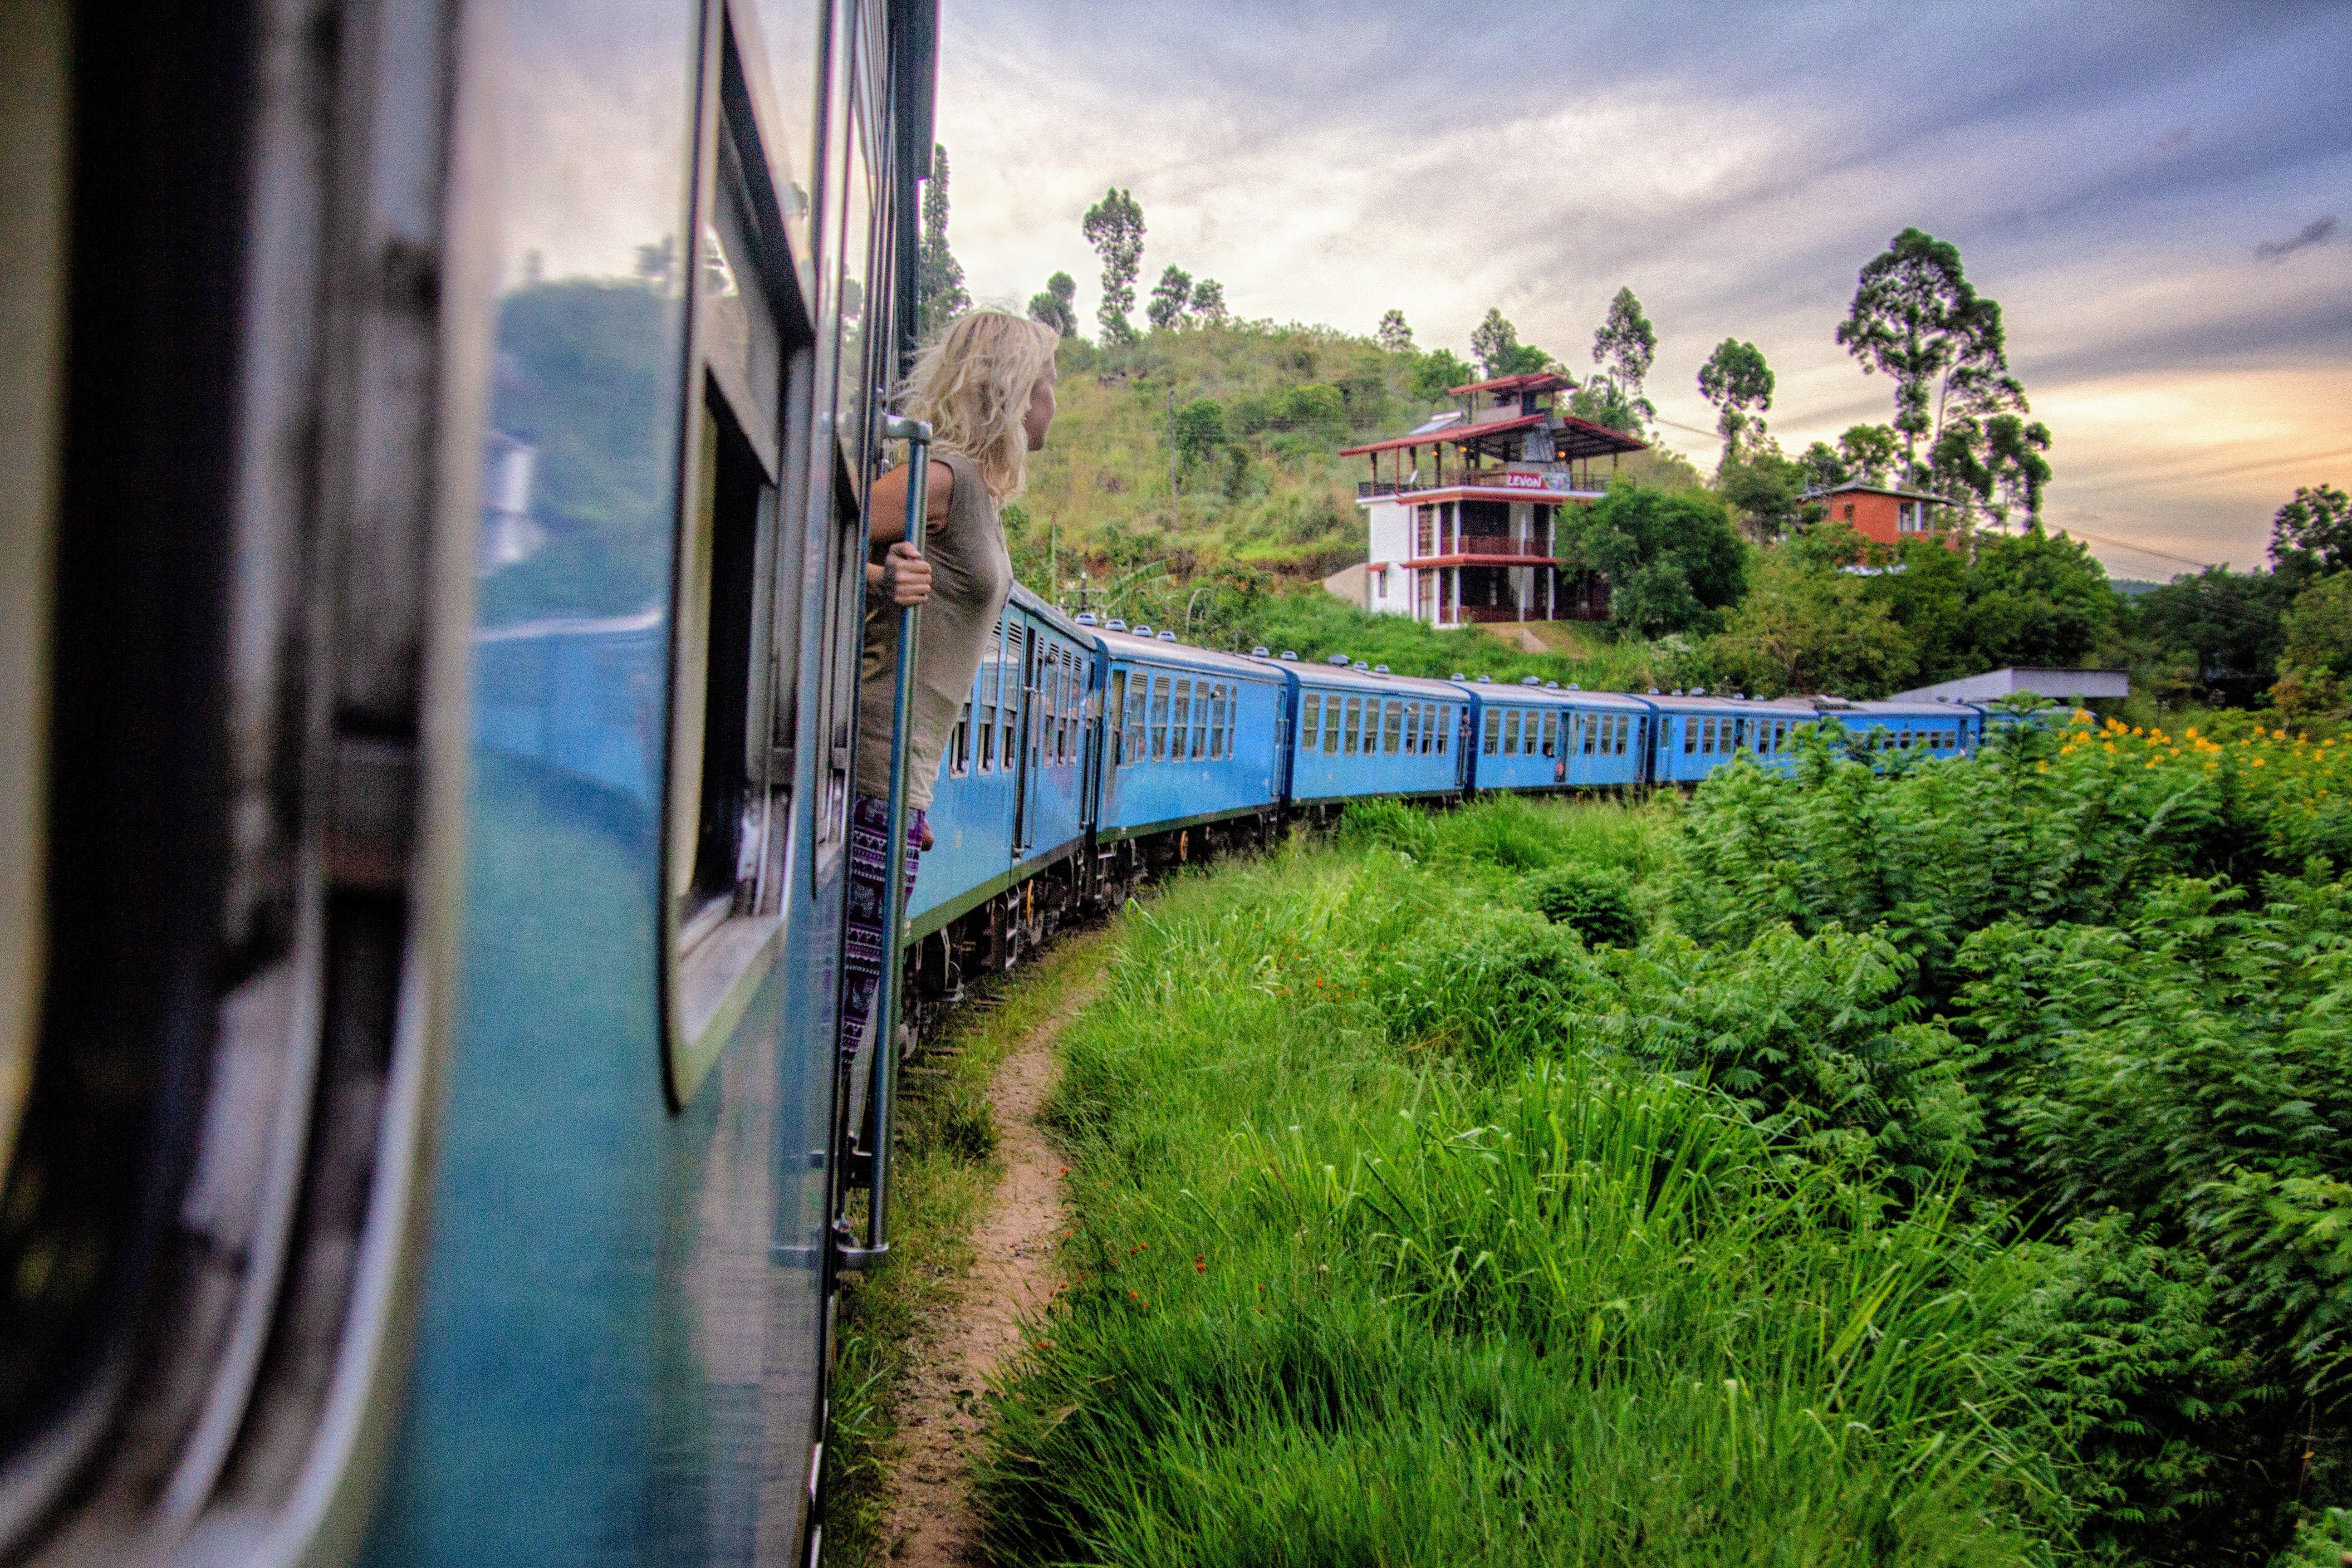 A train ride in Ella